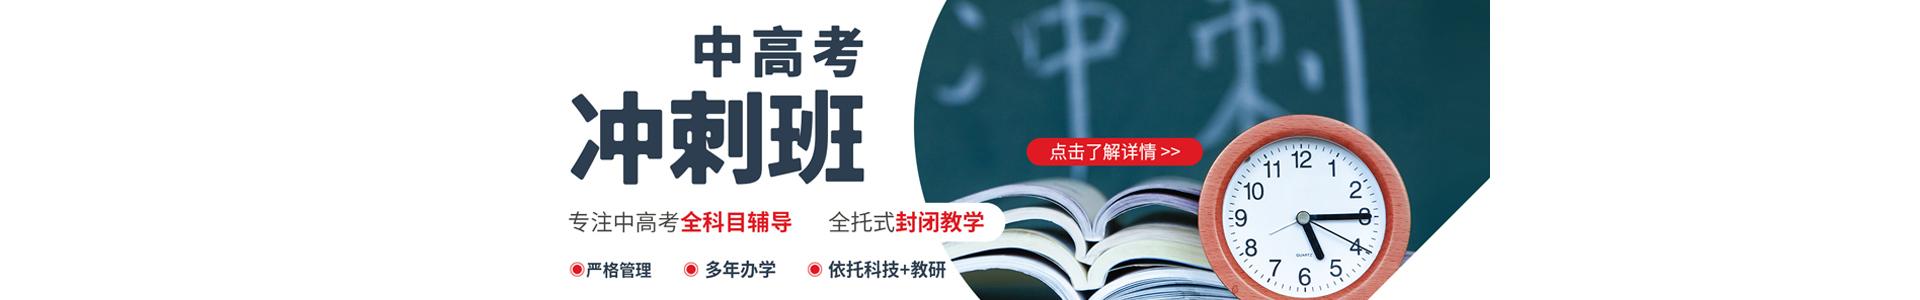 杭州秦學教育